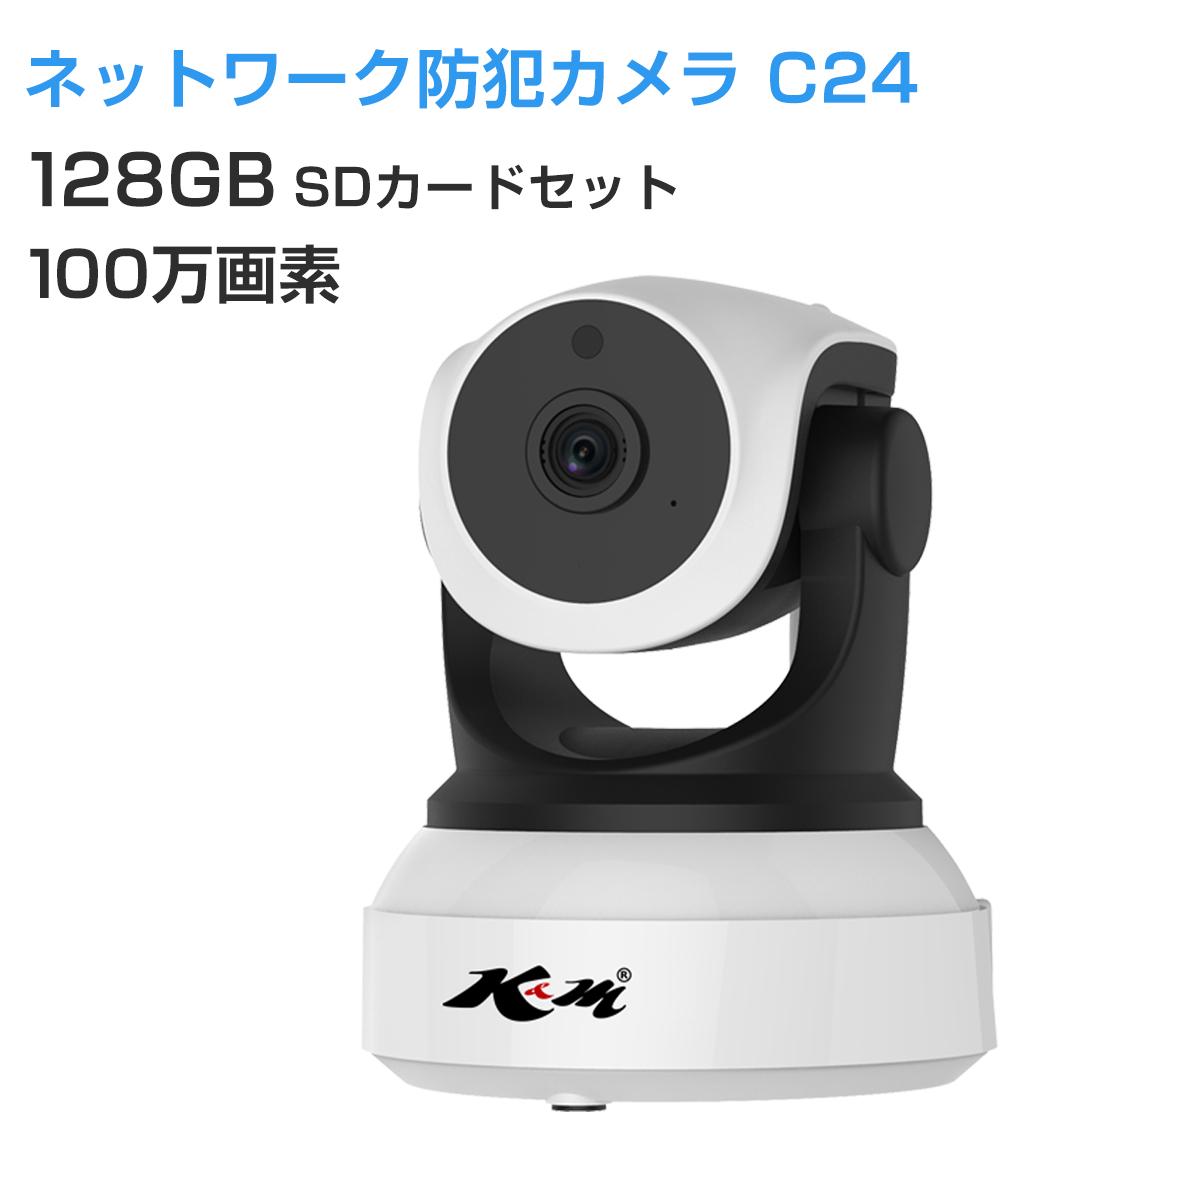 防犯カメラ 100万画素 C7824 SDカード128GB同梱モデル ベビー ペットモニター 新モデル VStarcam ワイヤレス 無線WIFI MicroSDカード録画 屋内用 監視 ネットワーク IP WEB カメラ モーション探知 宅配便送料無料 PSE 在庫処分1ヶ月保証 K&M